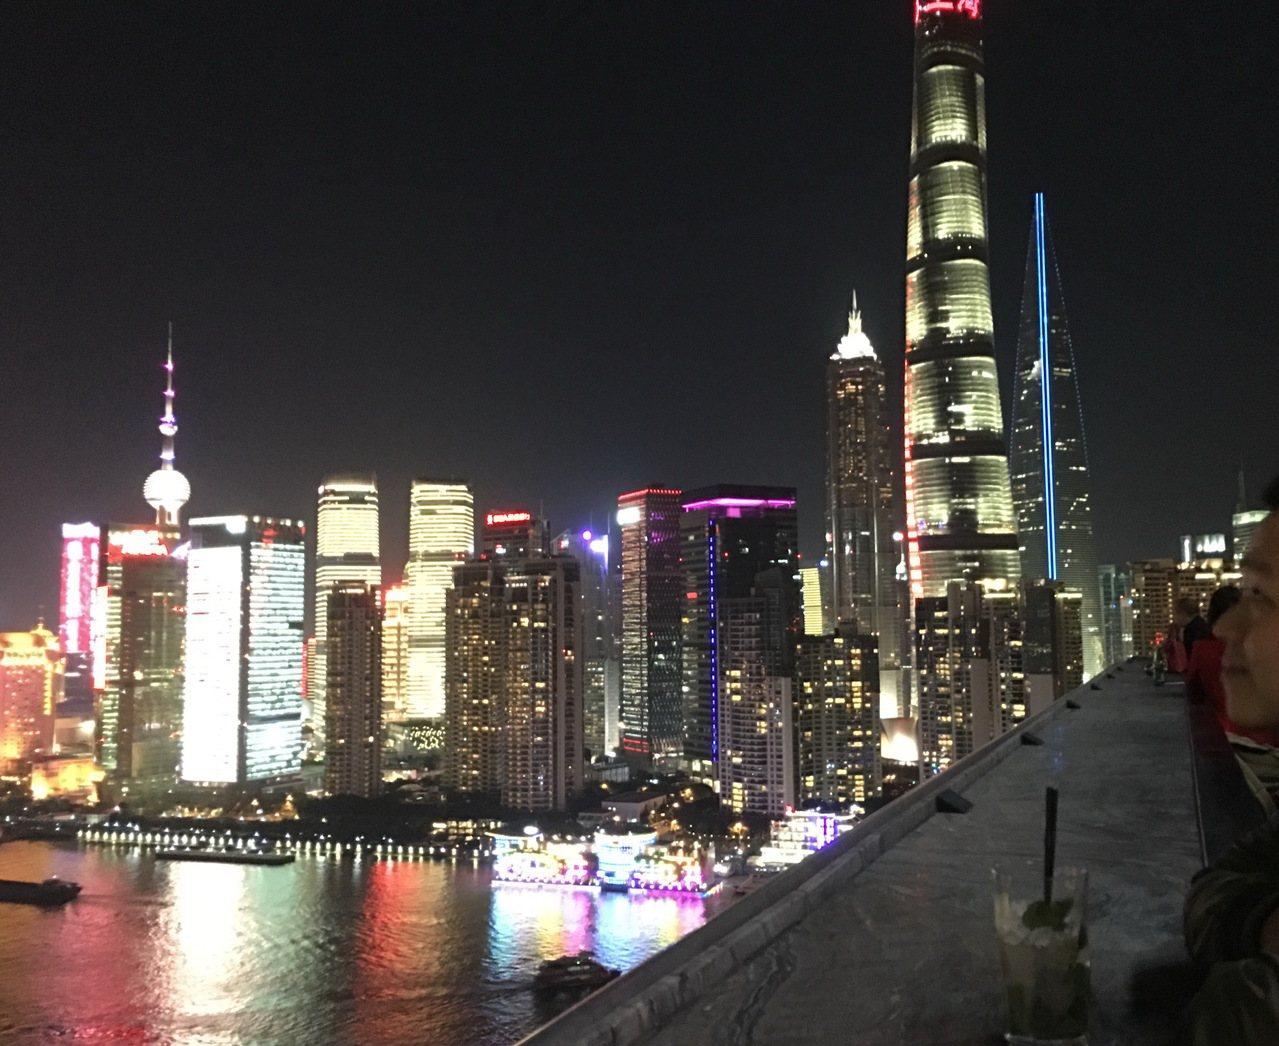 第12輪中美經貿高級別磋商將於7月30、31日在上海重啟,且未來中美經貿談判也可...